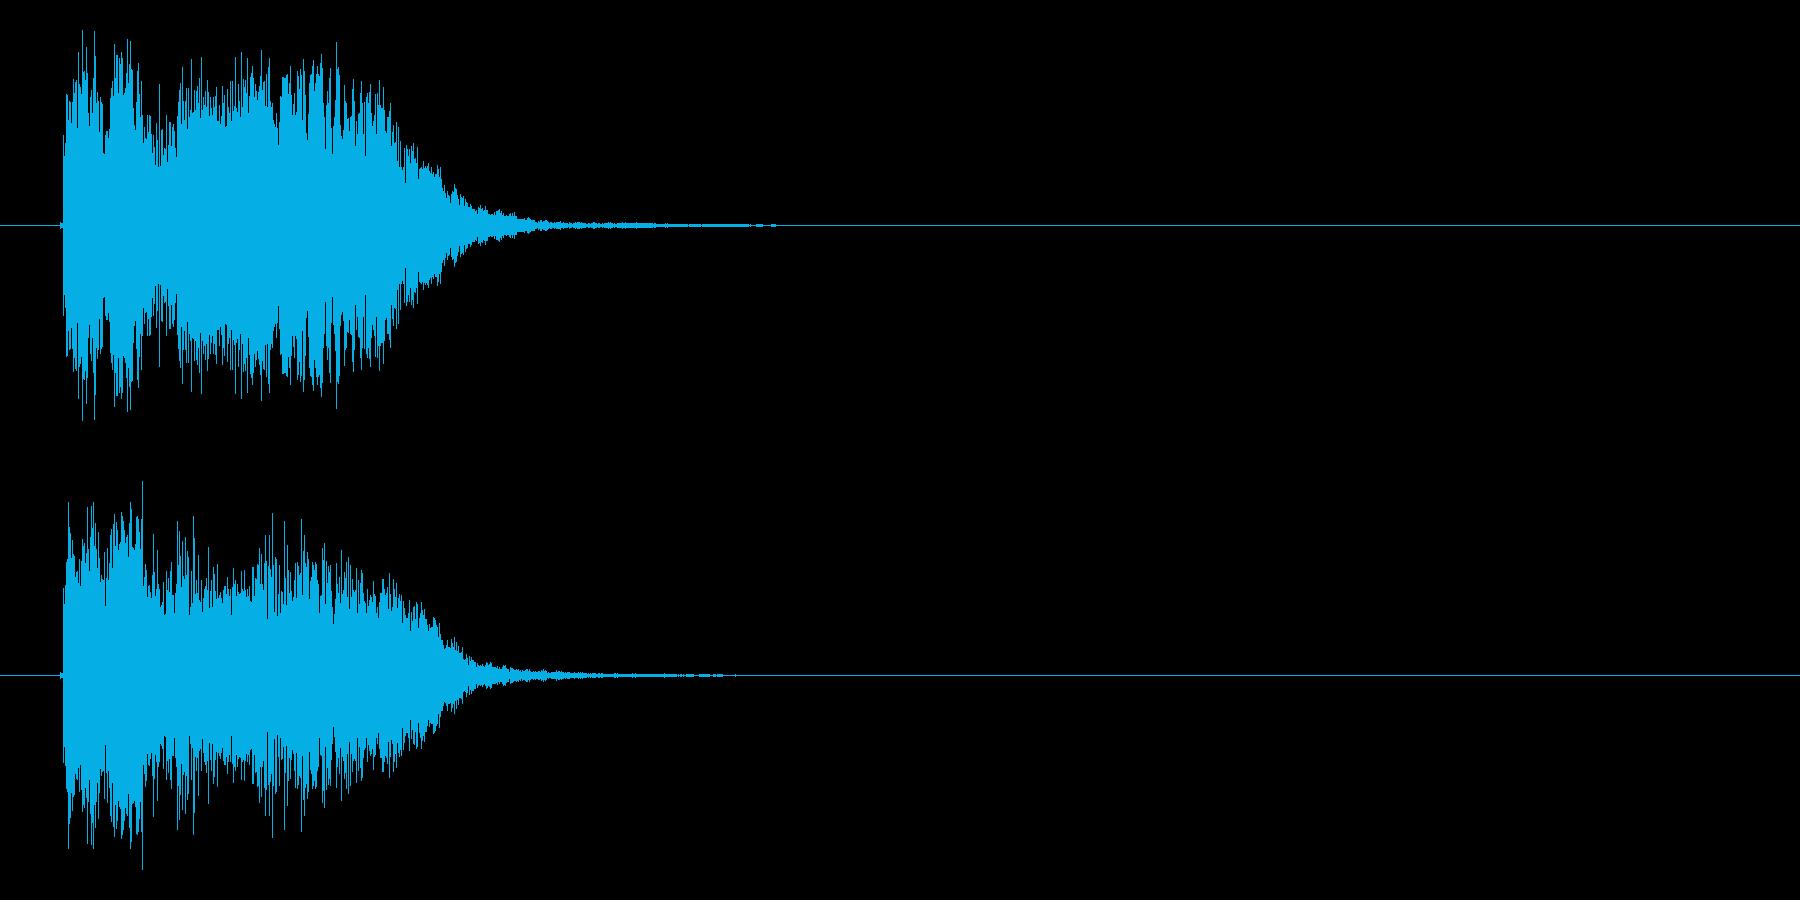 わくわくするSF風のジングルの再生済みの波形